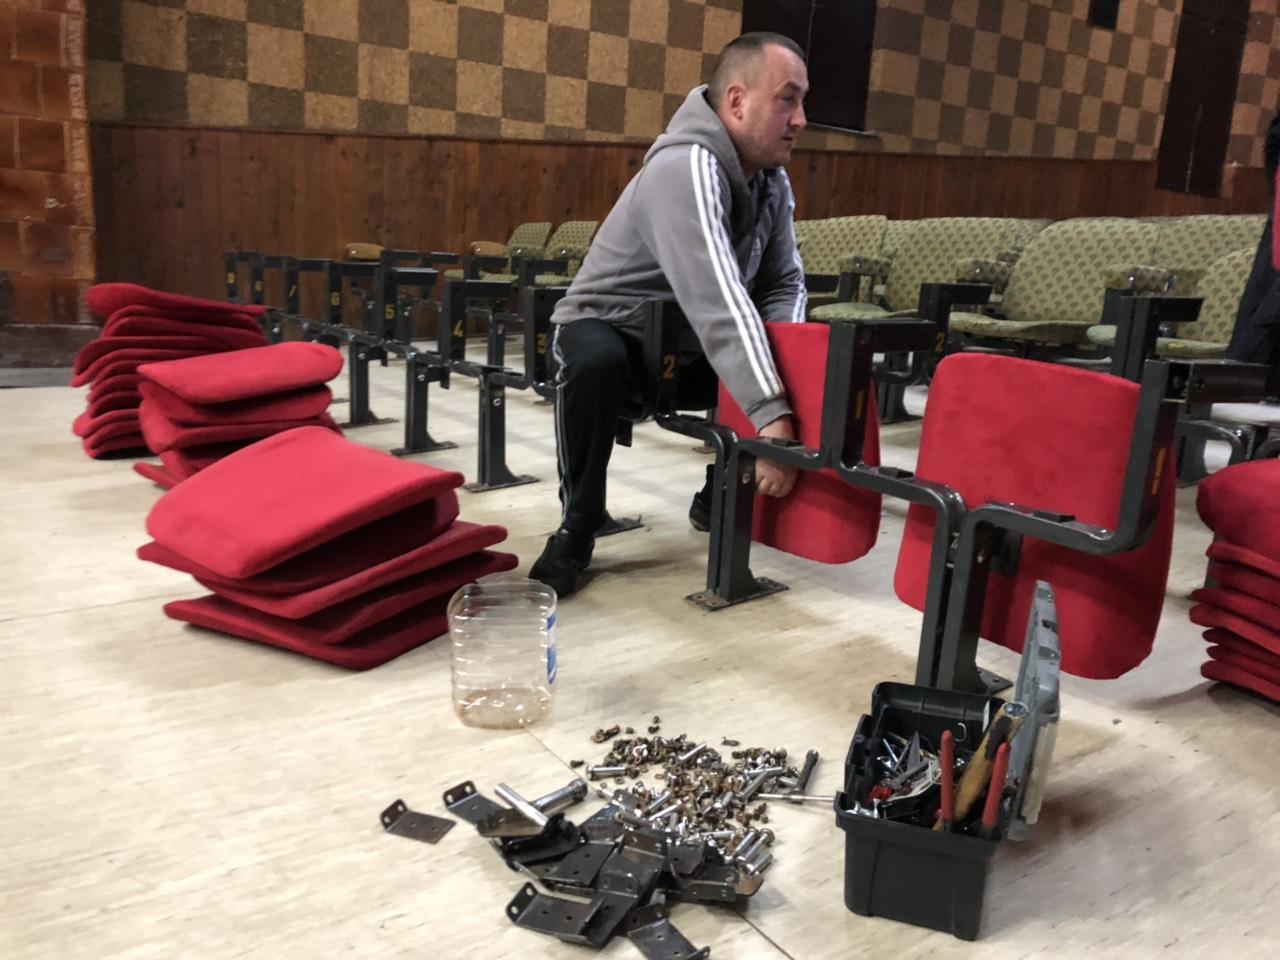 Postavljanje novih sedišta, foto: N.E.